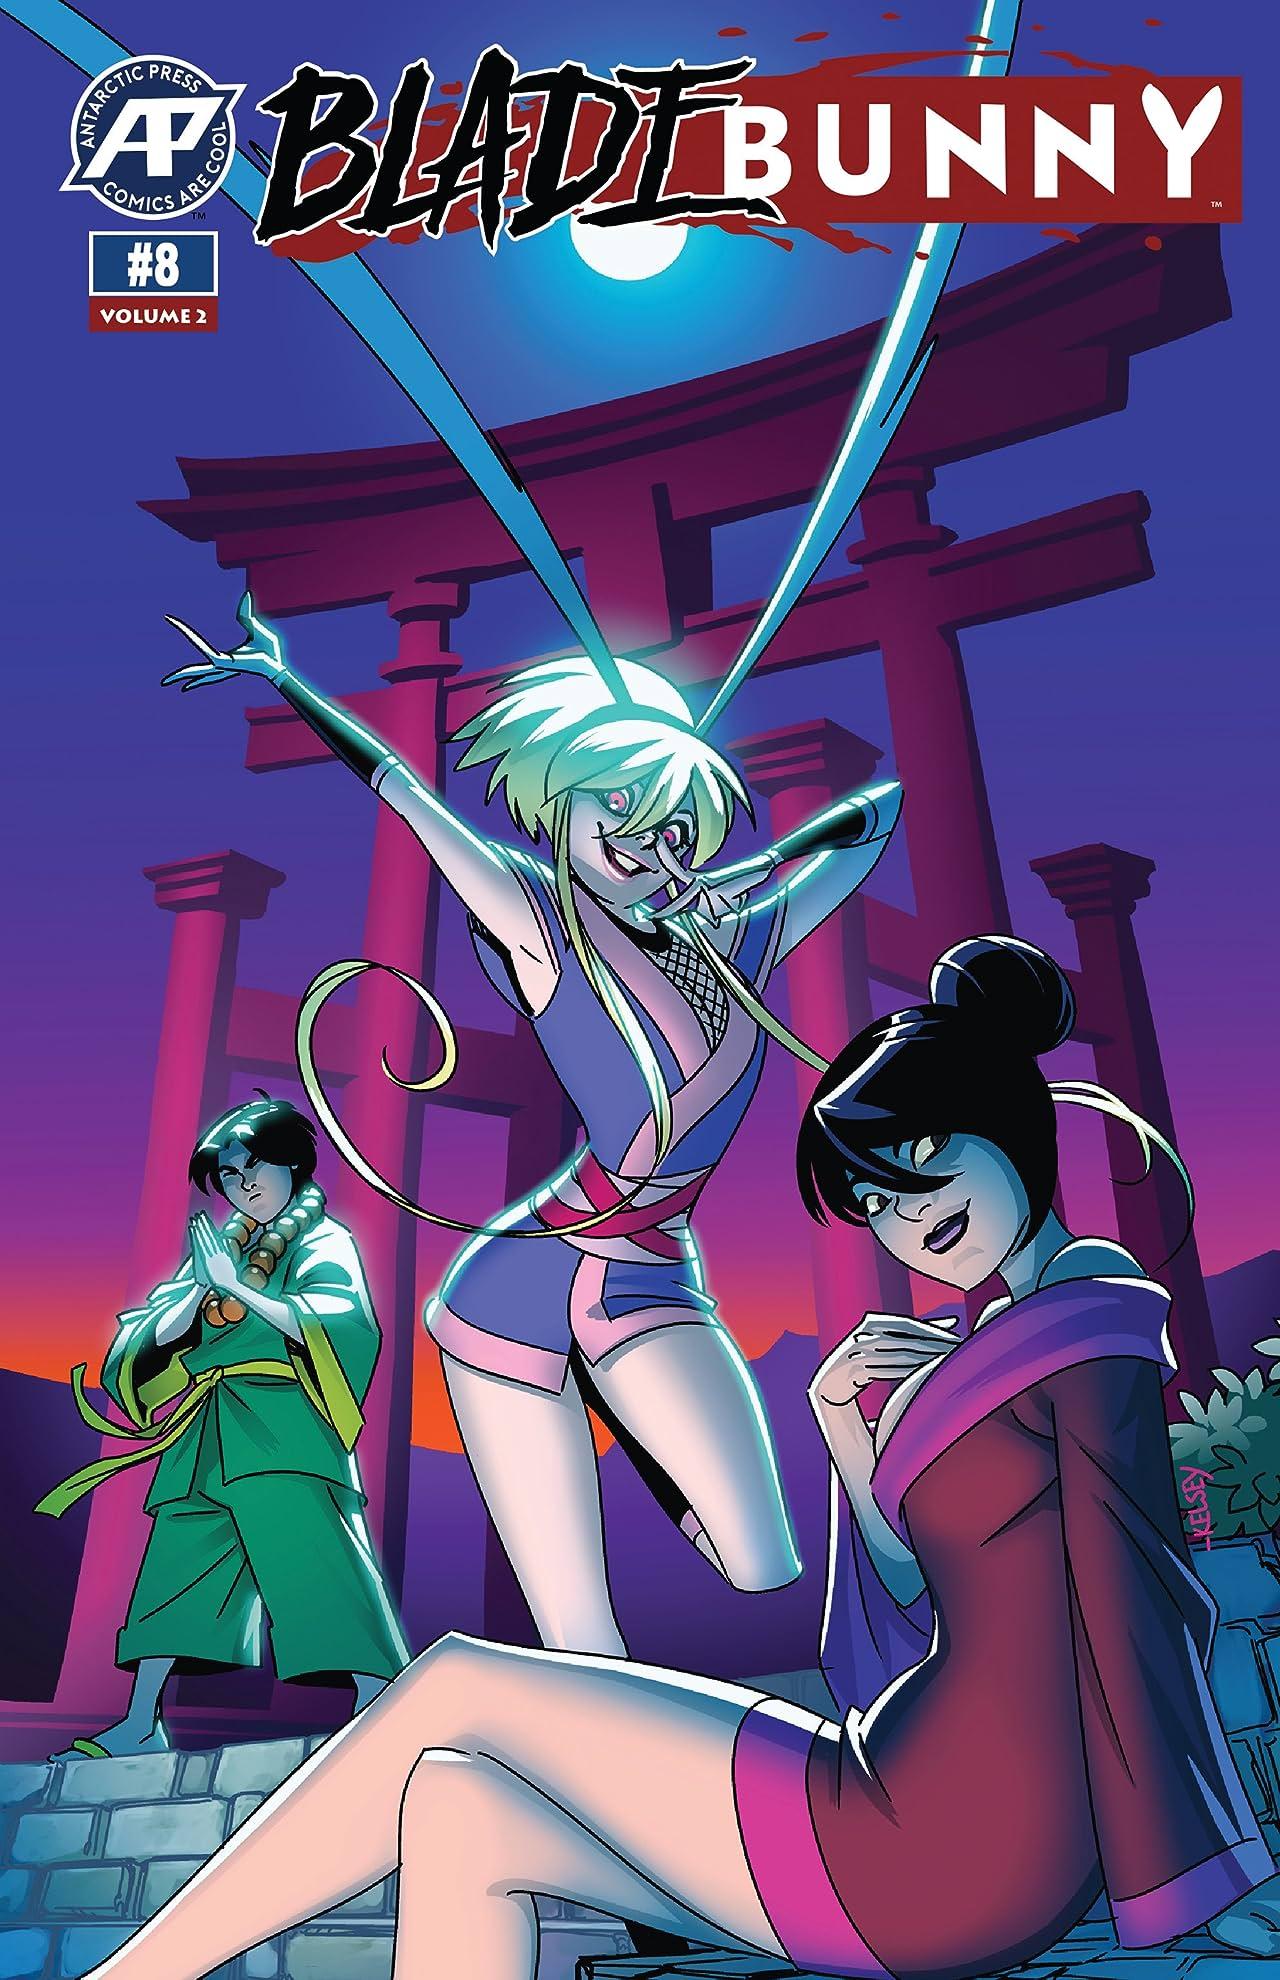 Blade Bunny Vol. 2 #8